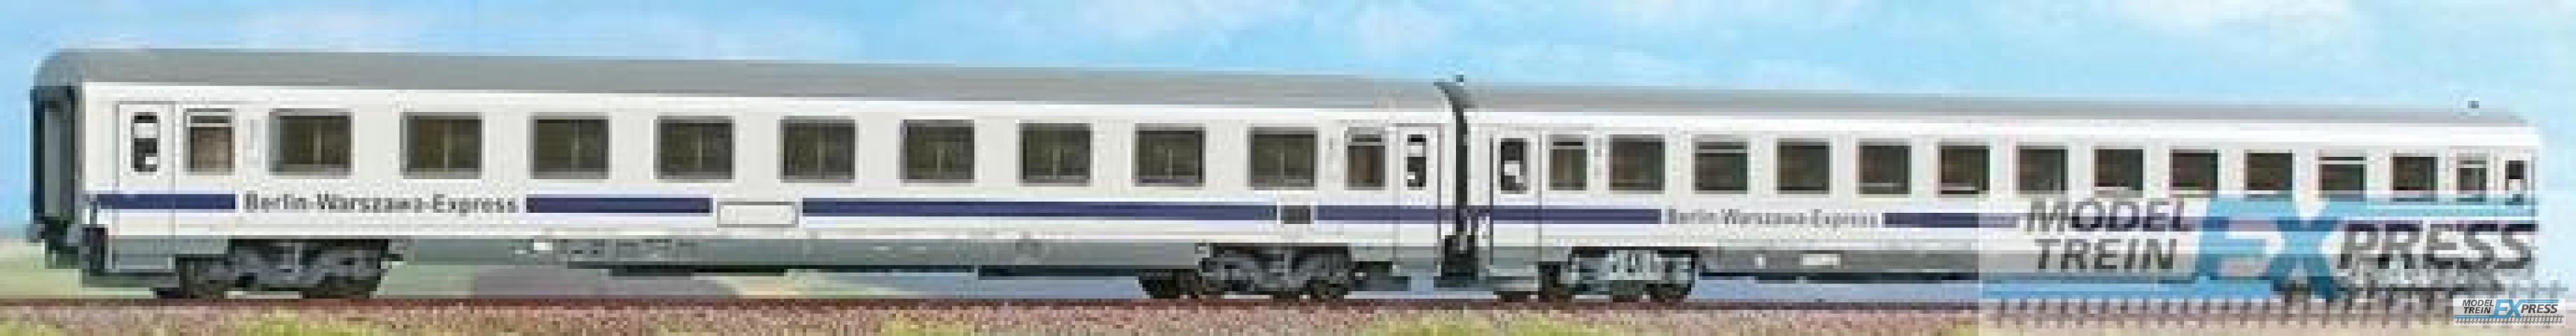 ACME 55095